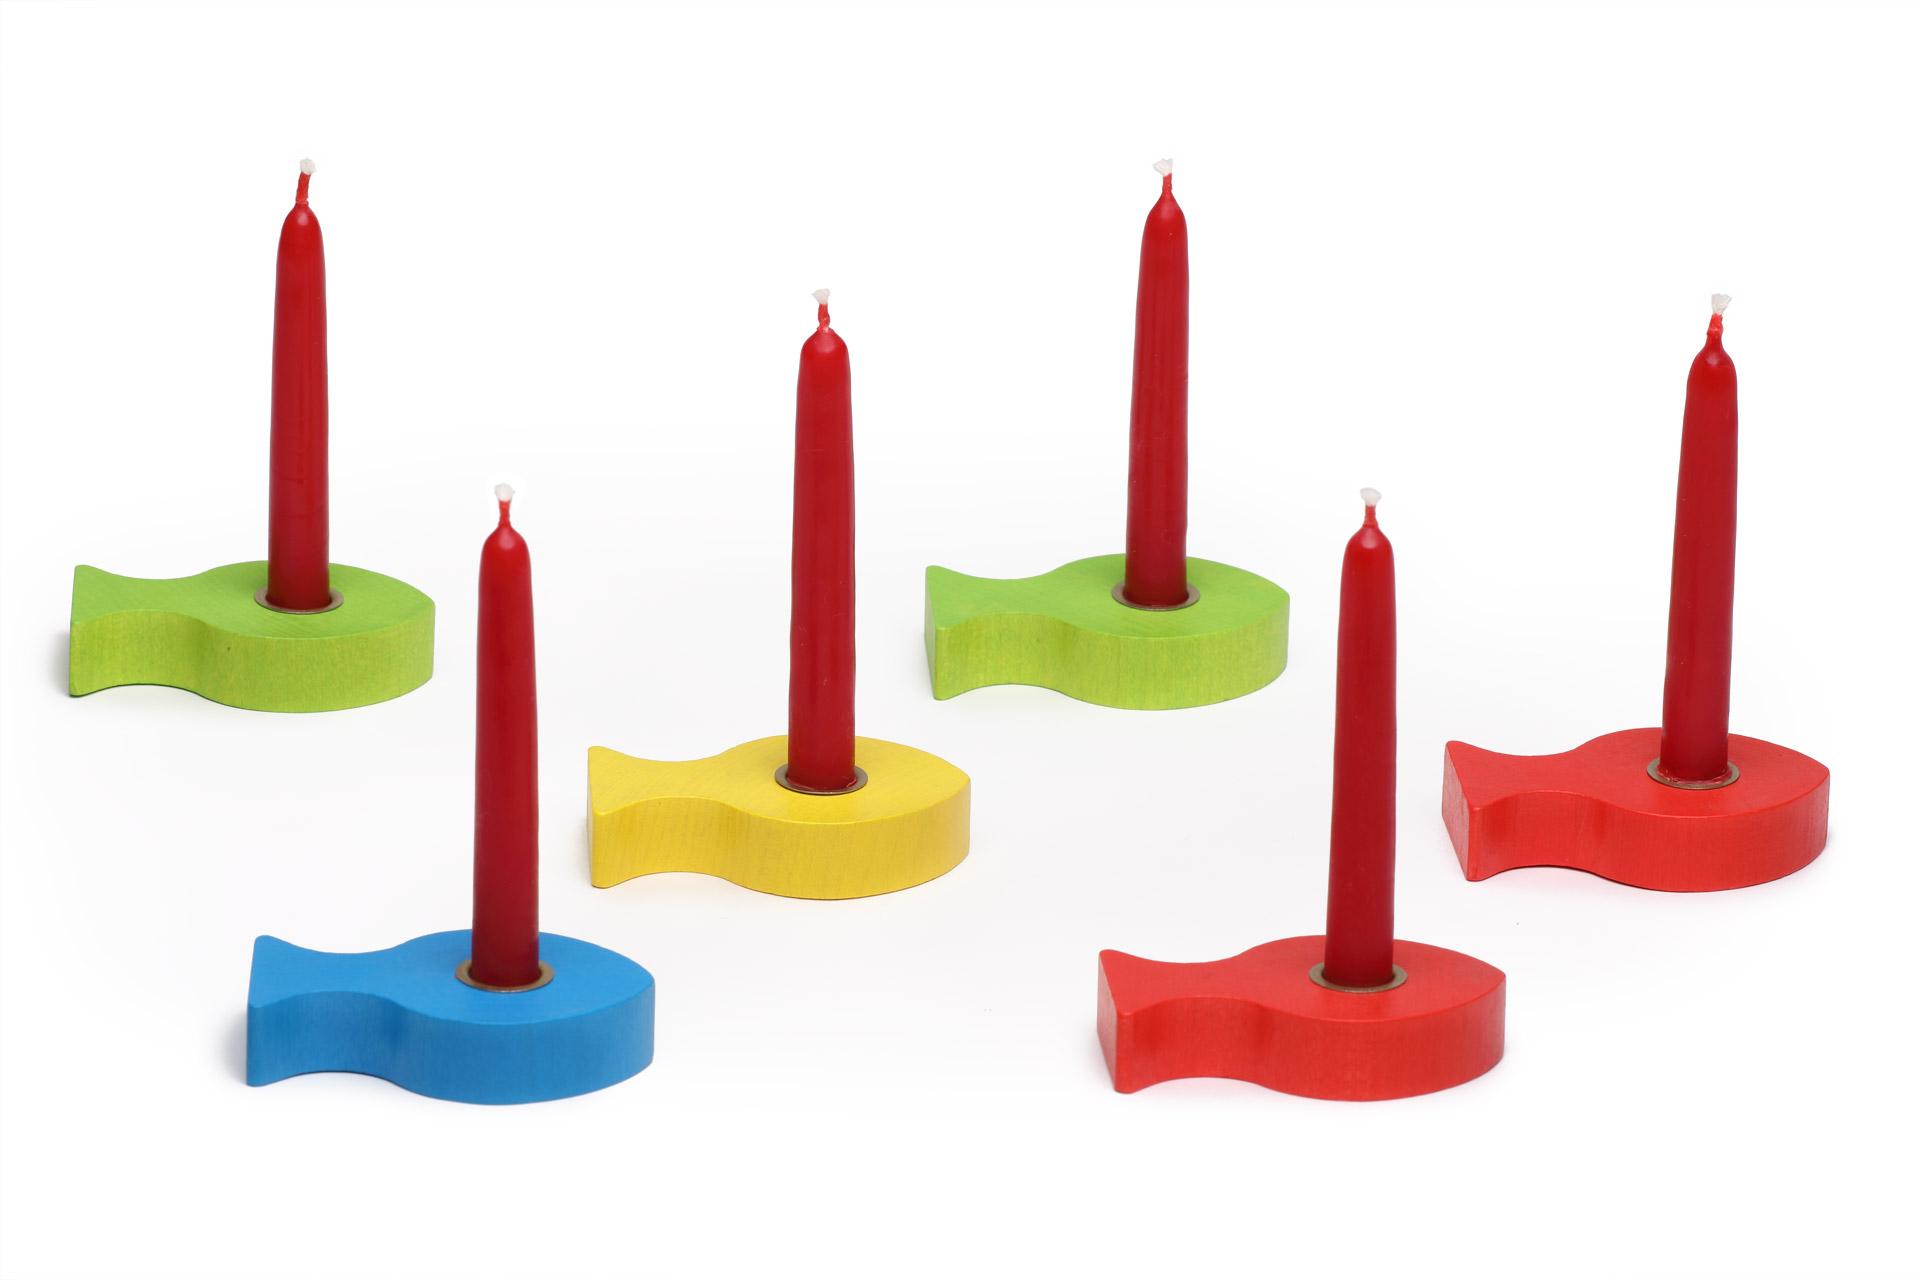 Geschenke-Geburtstag-Carli-Fische-rot-ksg